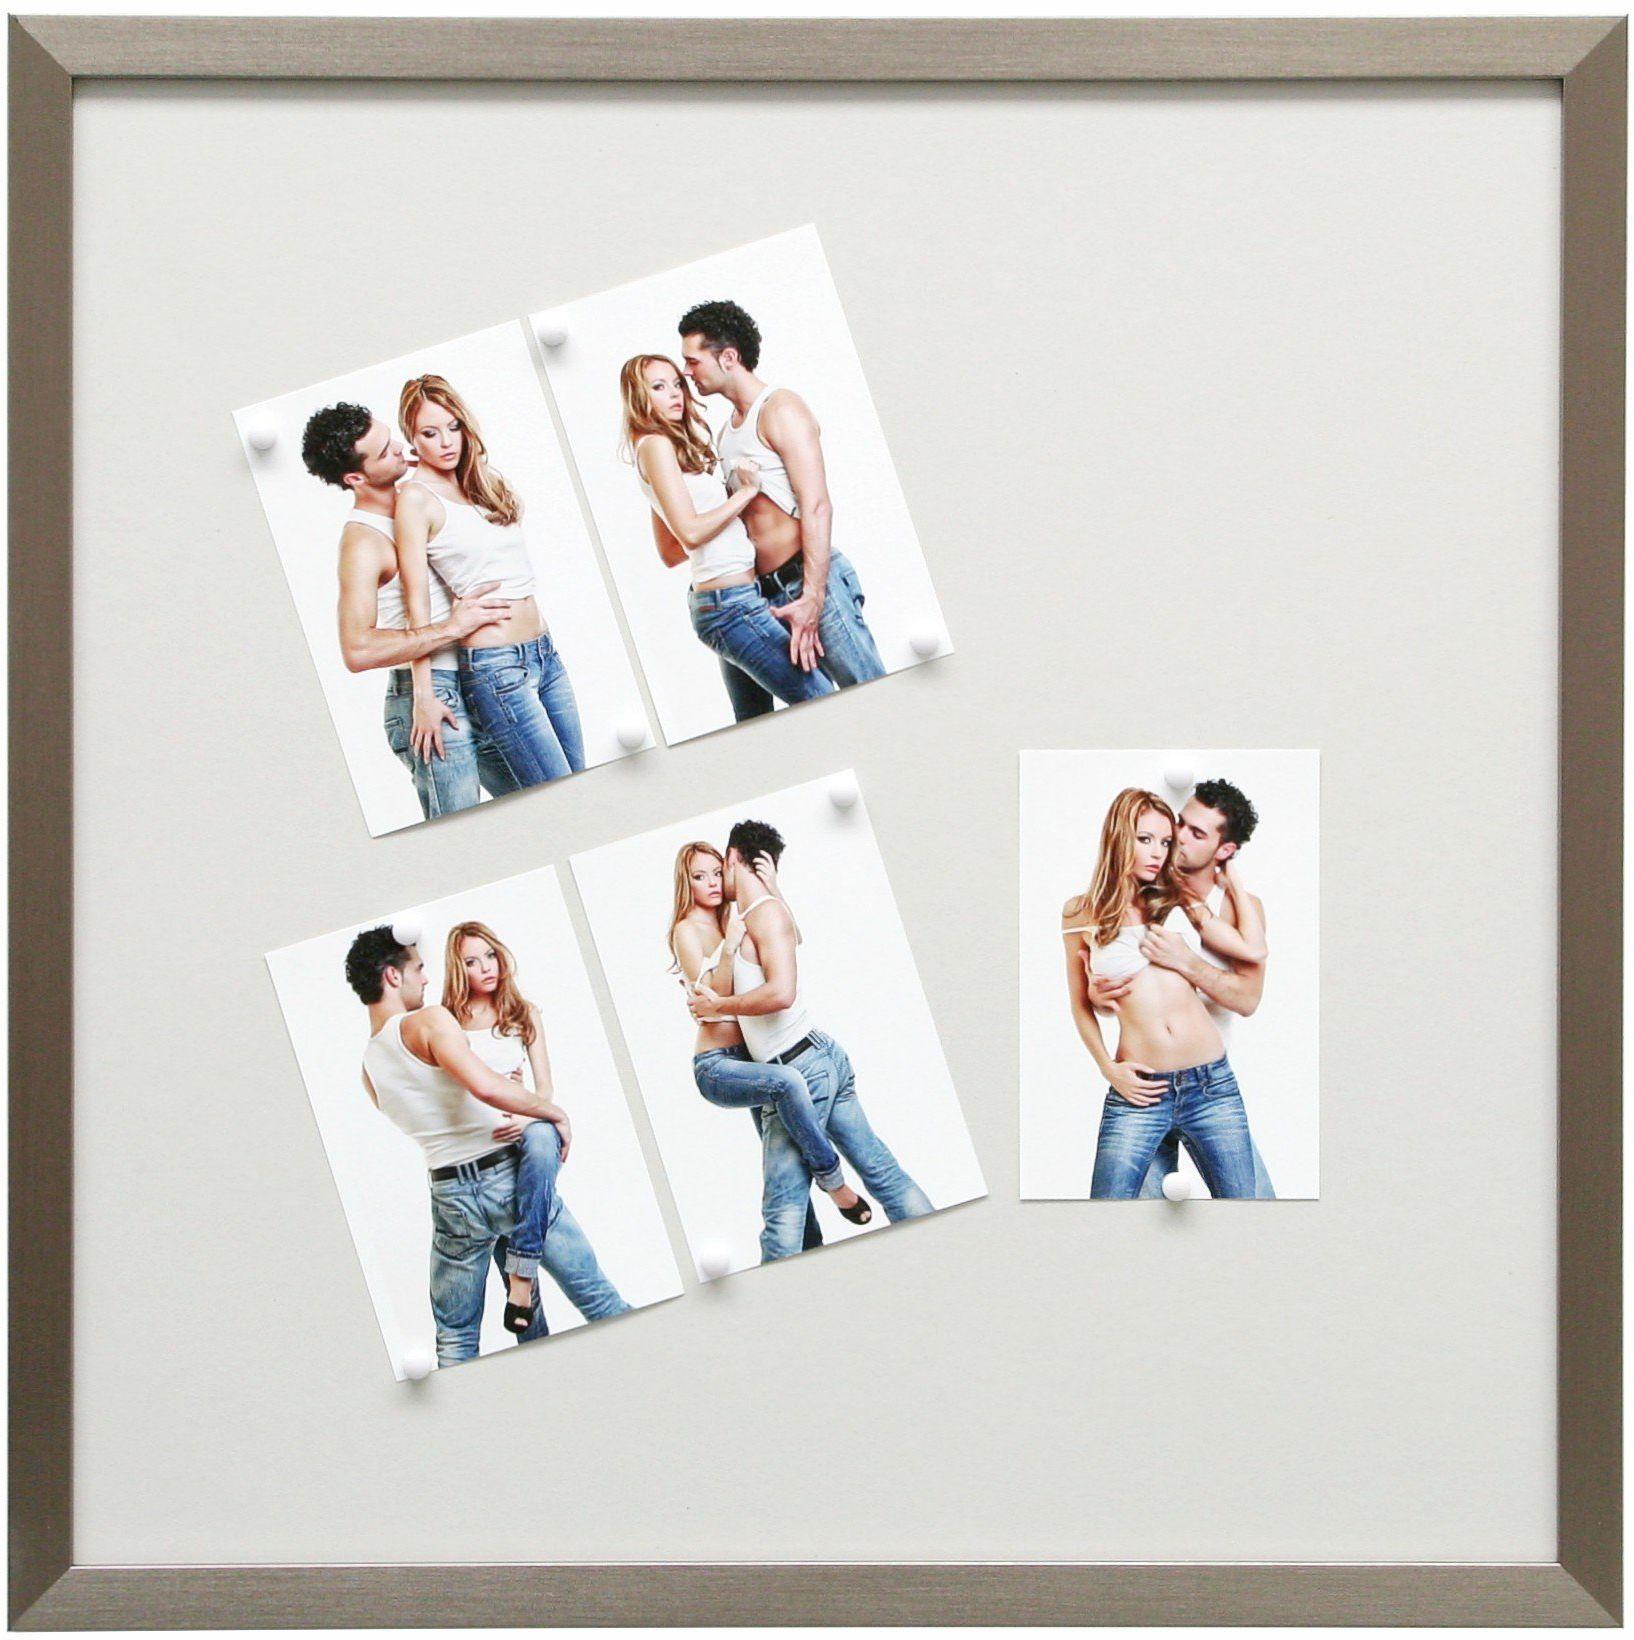 Deknudt Frames S41VD1-M-50.0x50.0 tablica magnetyczna srebrna żywica z 10 magnesami biała 54,6 x 54,6 x 1,6 cm